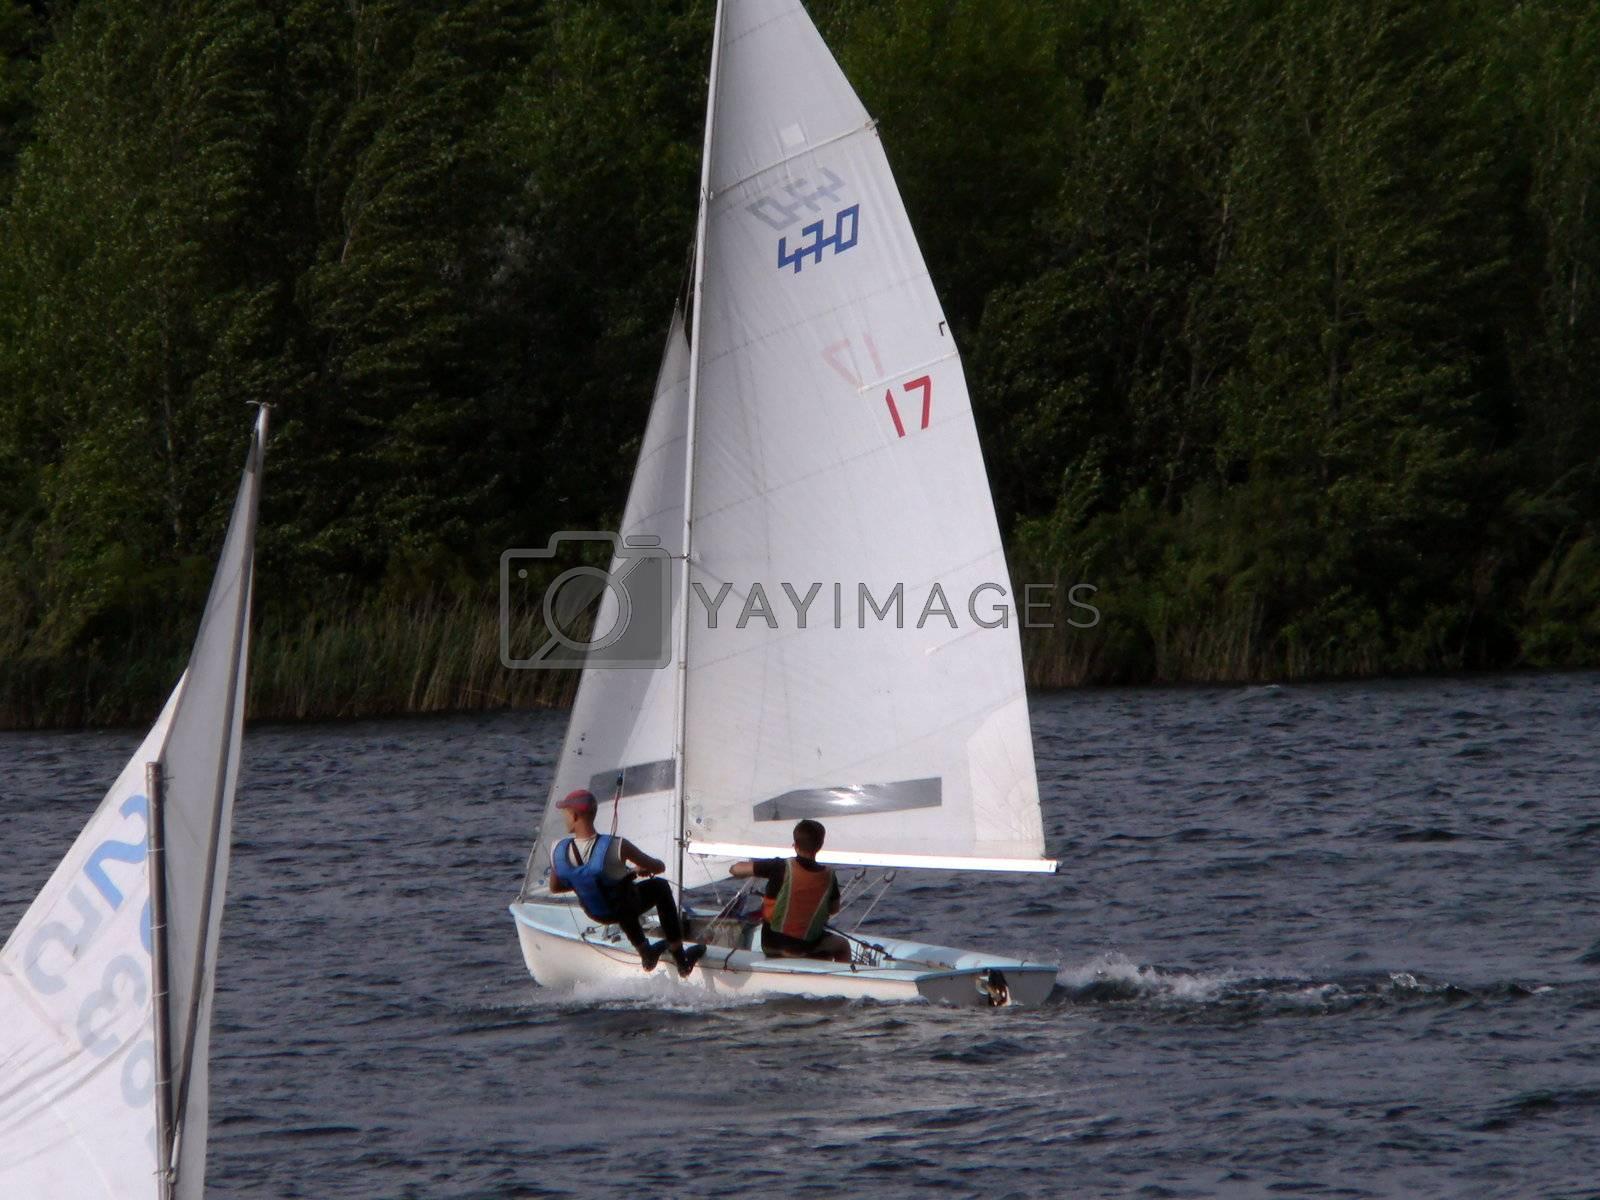 Sailing regatta on lake 2